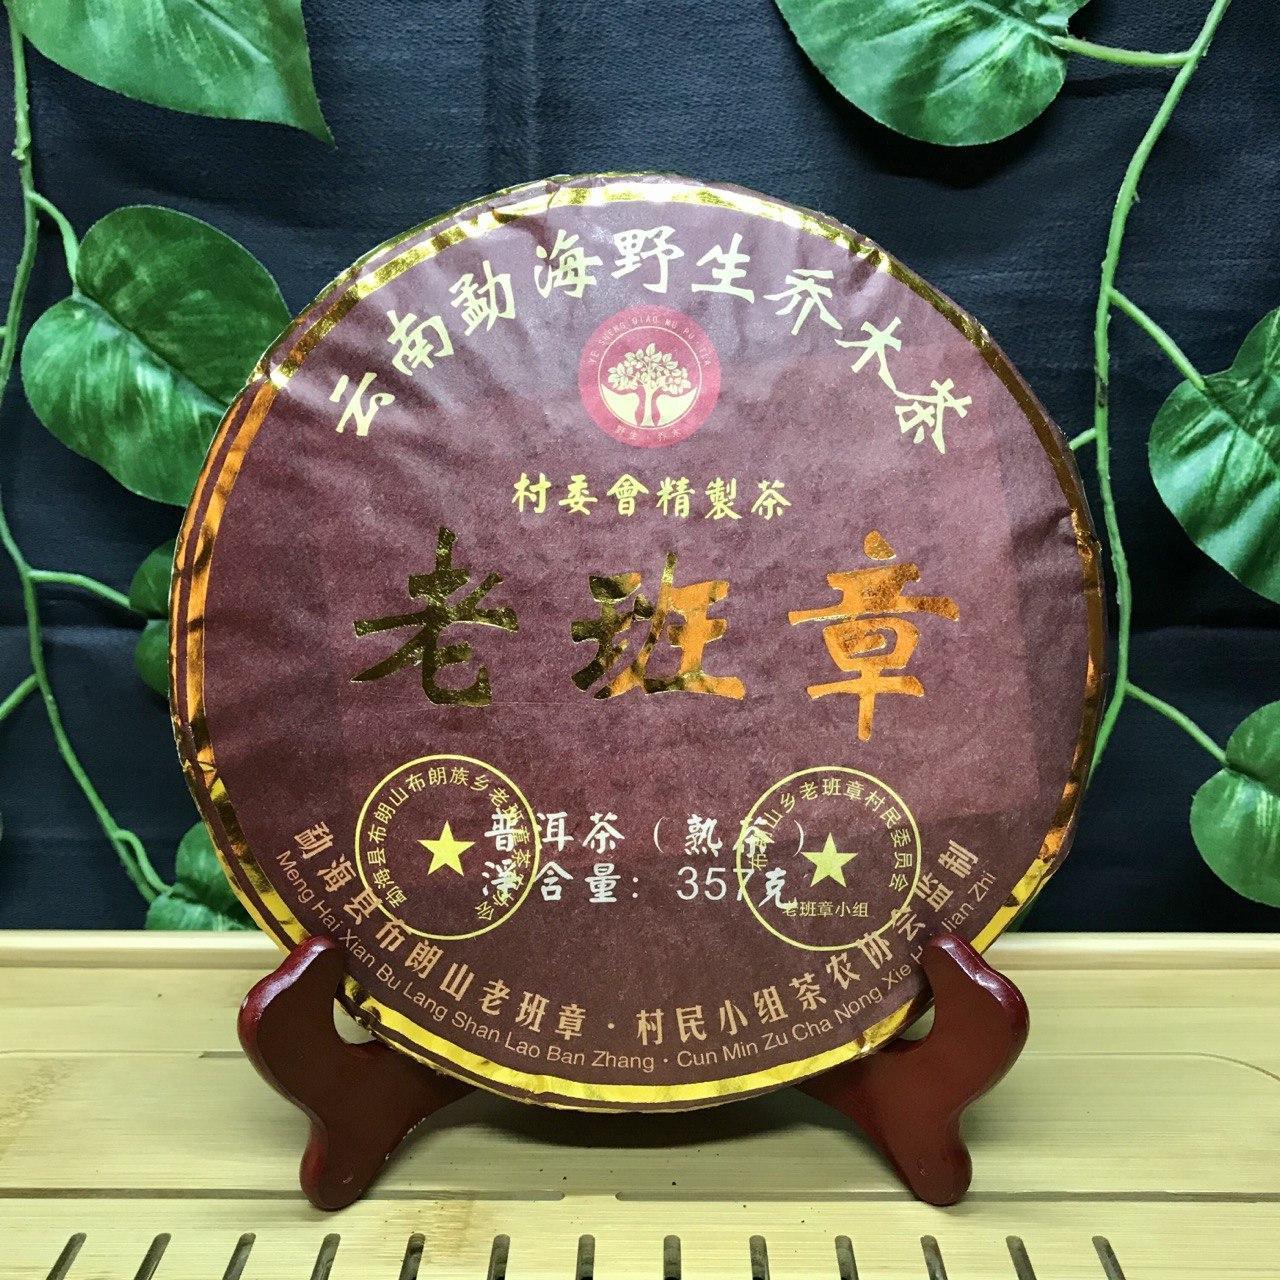 Шу черный пуэр 357 грамм очень высокого качества Lao Ban Zhang 2013 год